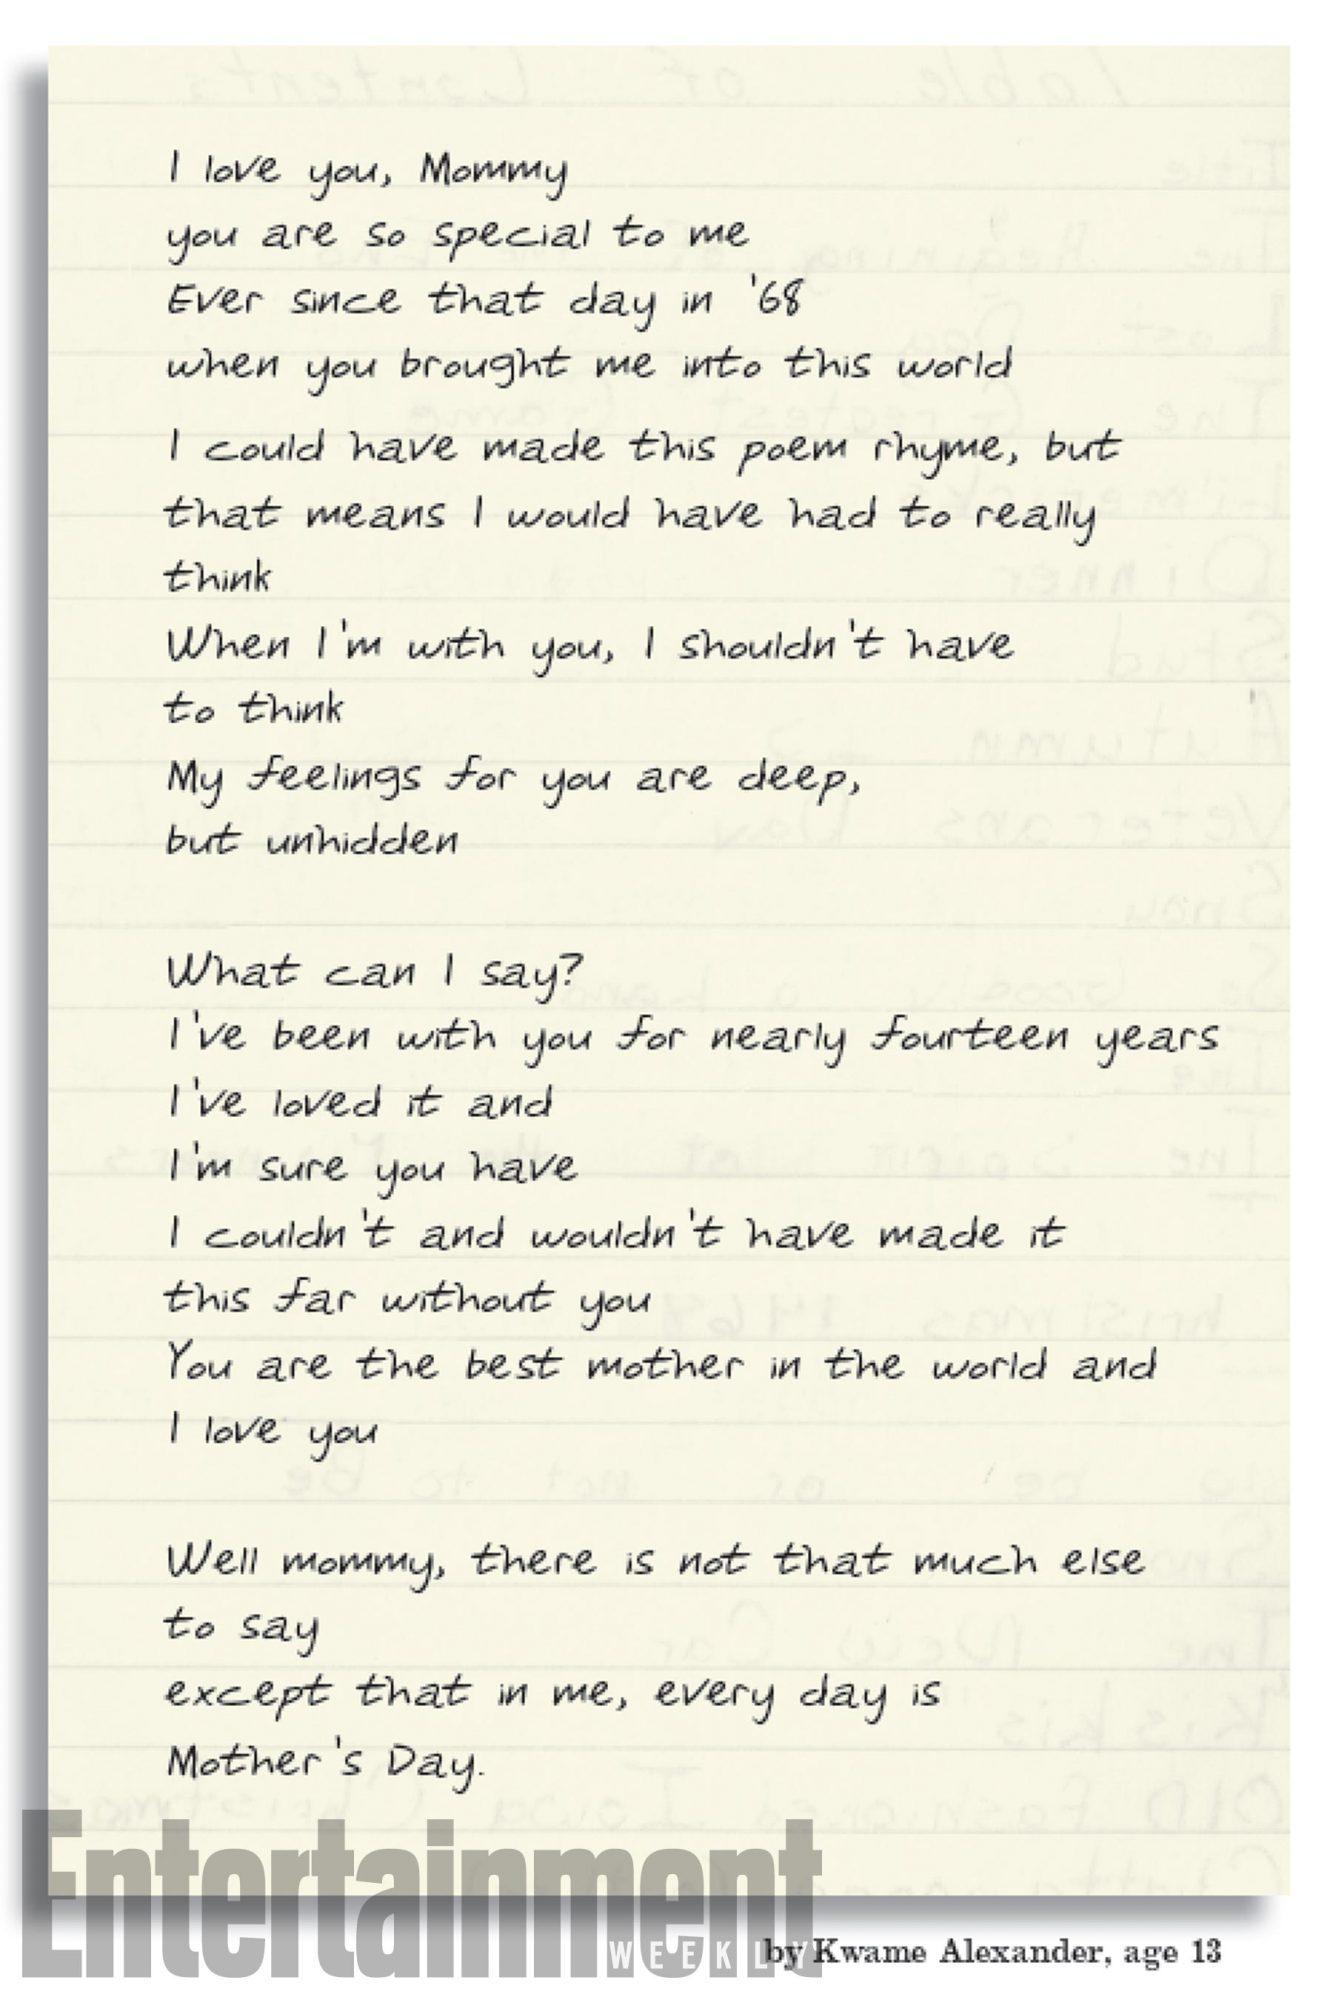 Kwame-typeset-poem